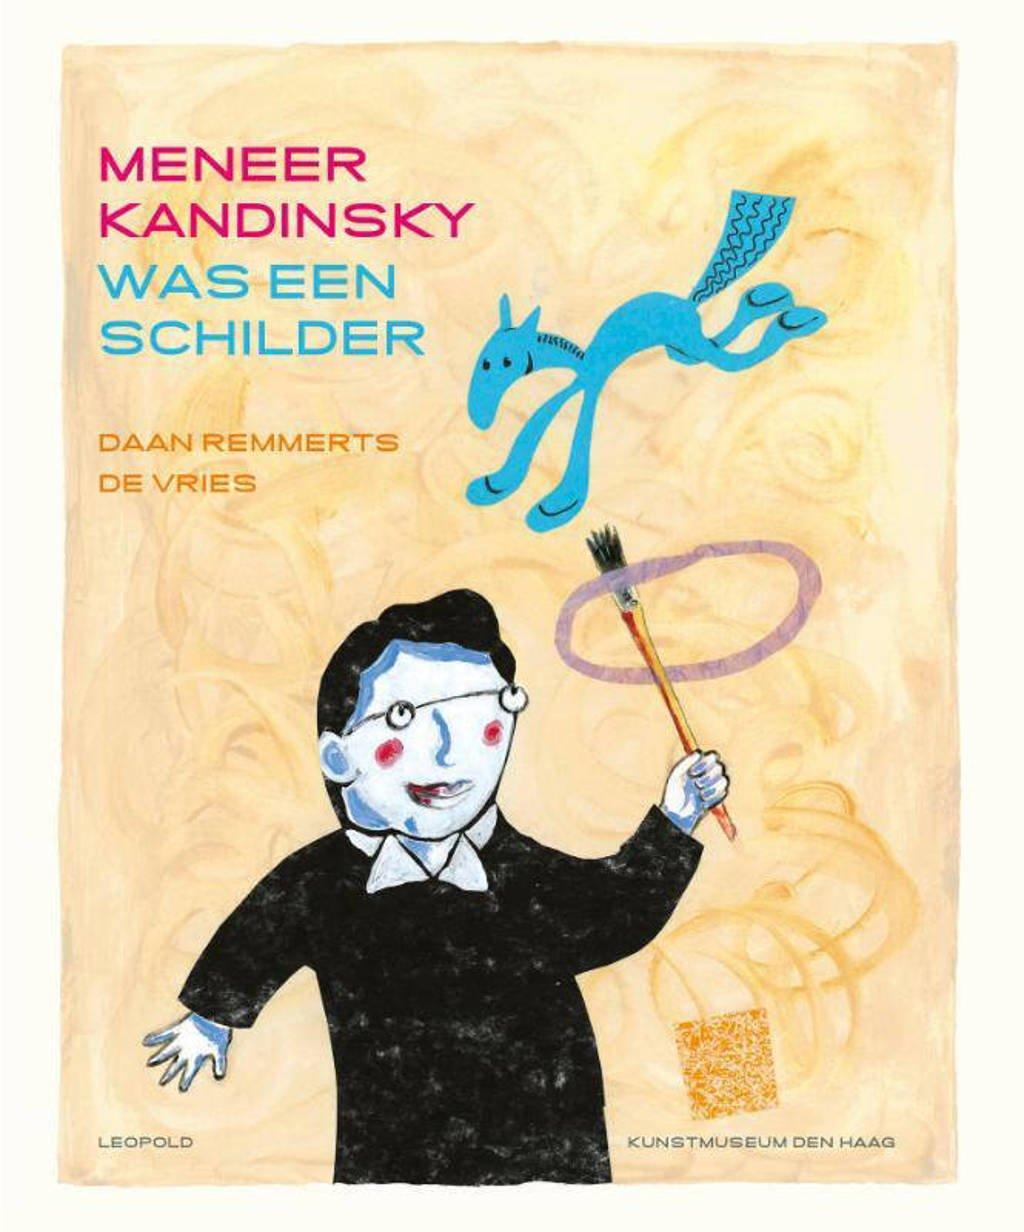 Meneer Kandinsky was een schilder - Daan Remmerts de Vries